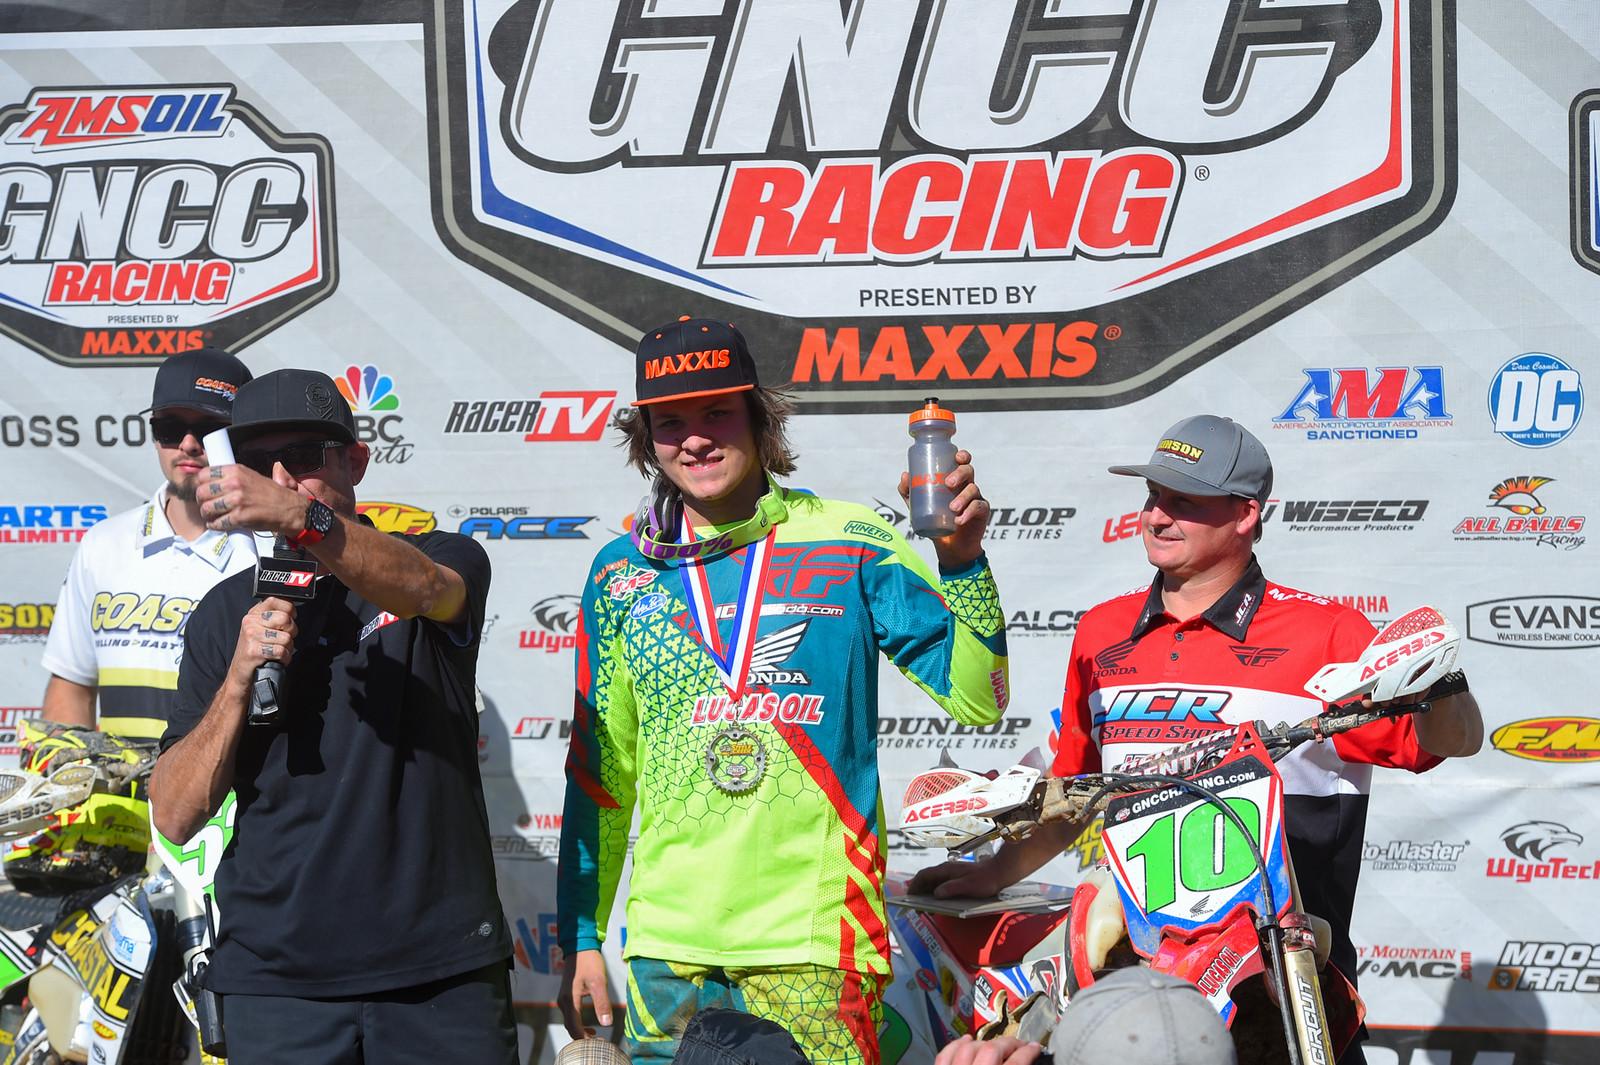 Trevor Bollinger - Steele Creek GNCC - Motocross Pictures - Vital MX